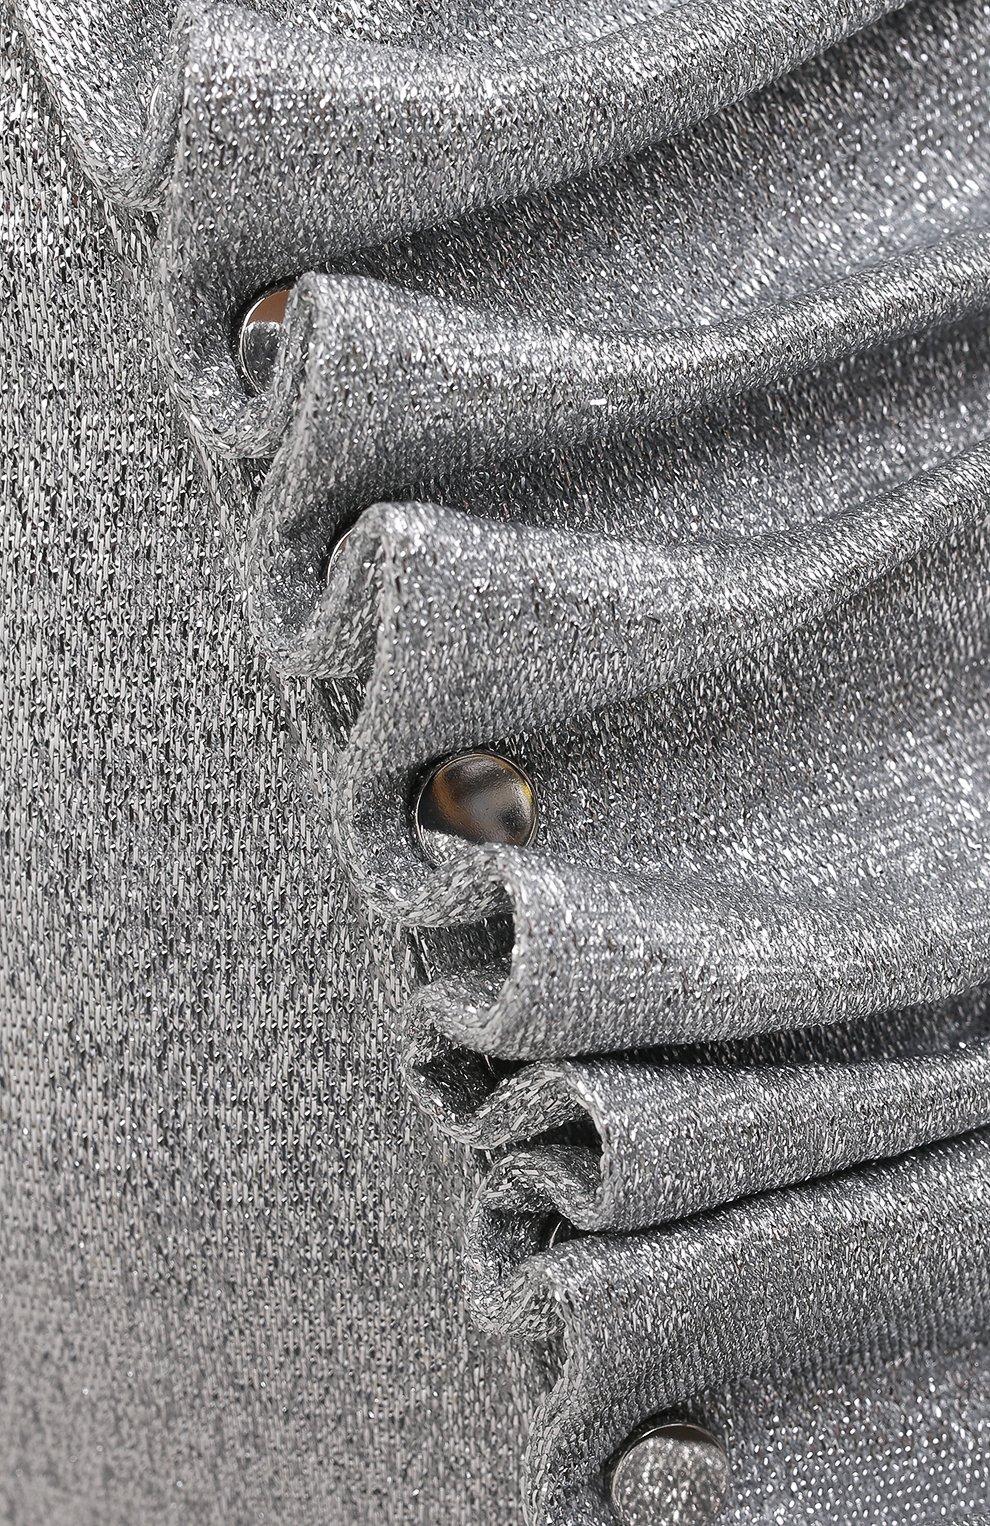 Женская юбка из вискозы PACO RABANNE серебряного цвета, арт. 20PJJU007VI0222 | Фото 5